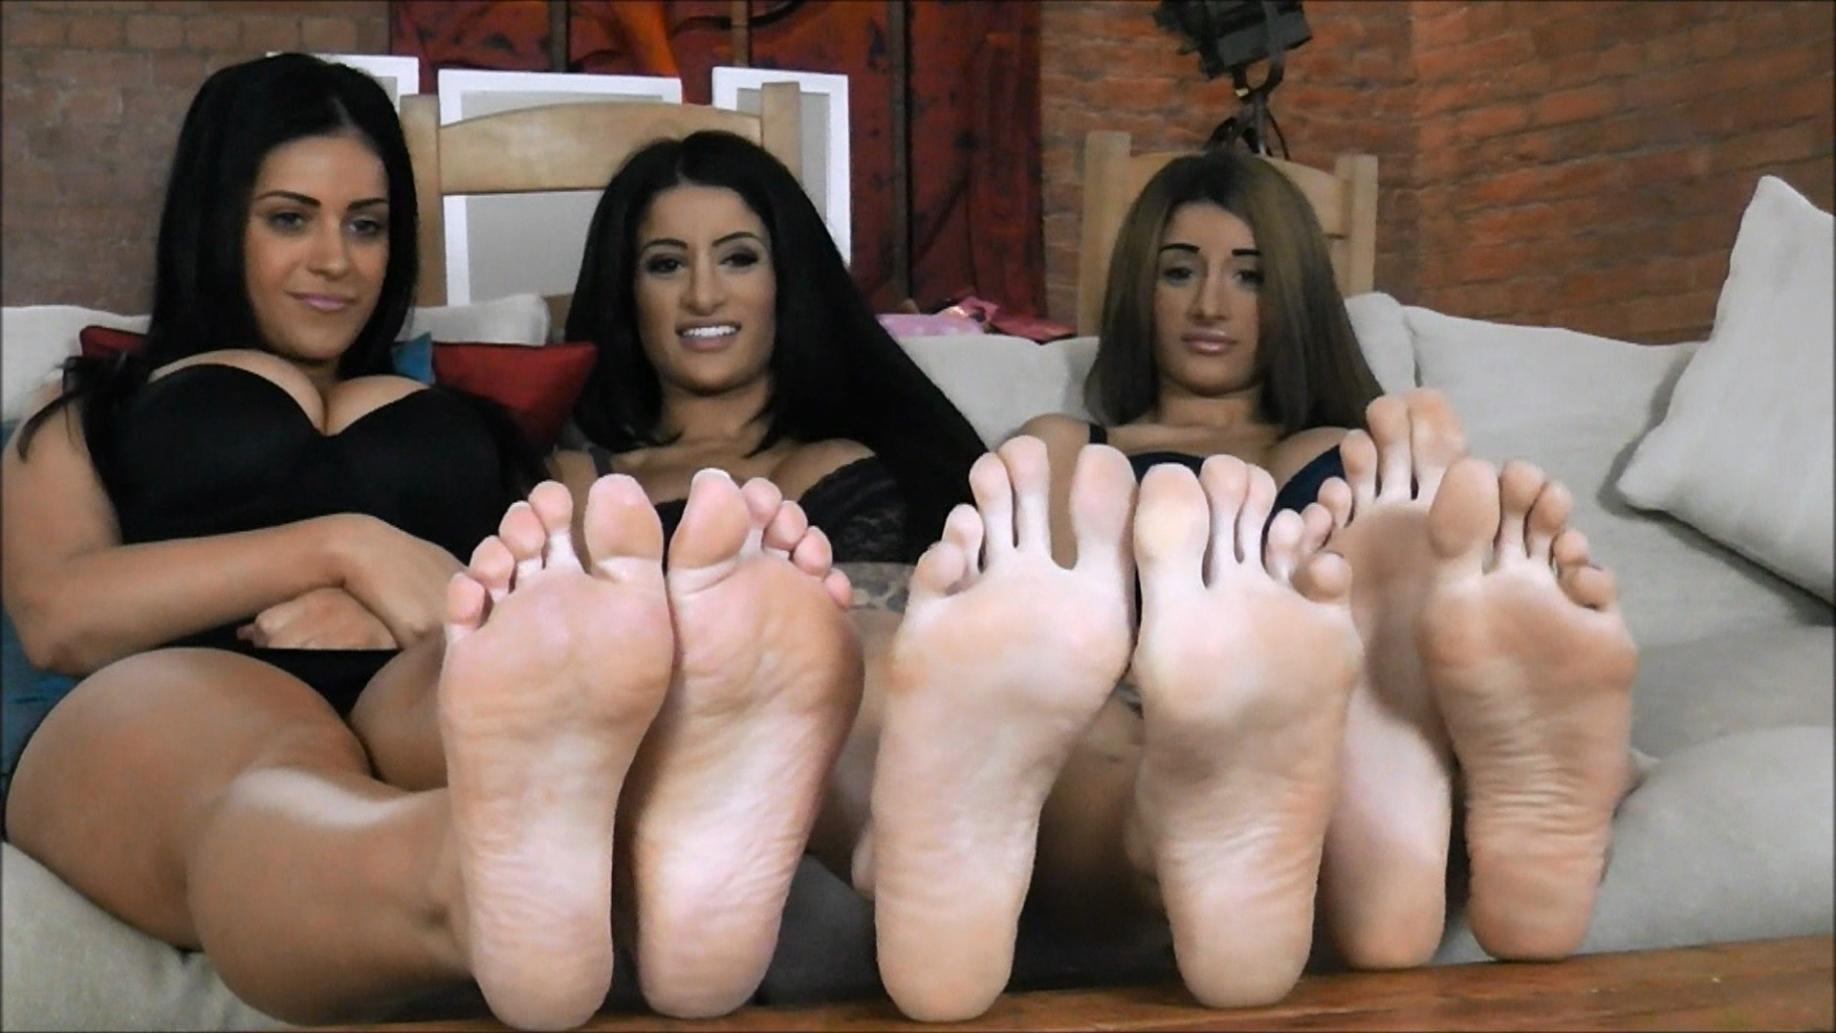 Feet Priya Young nude photos 2019